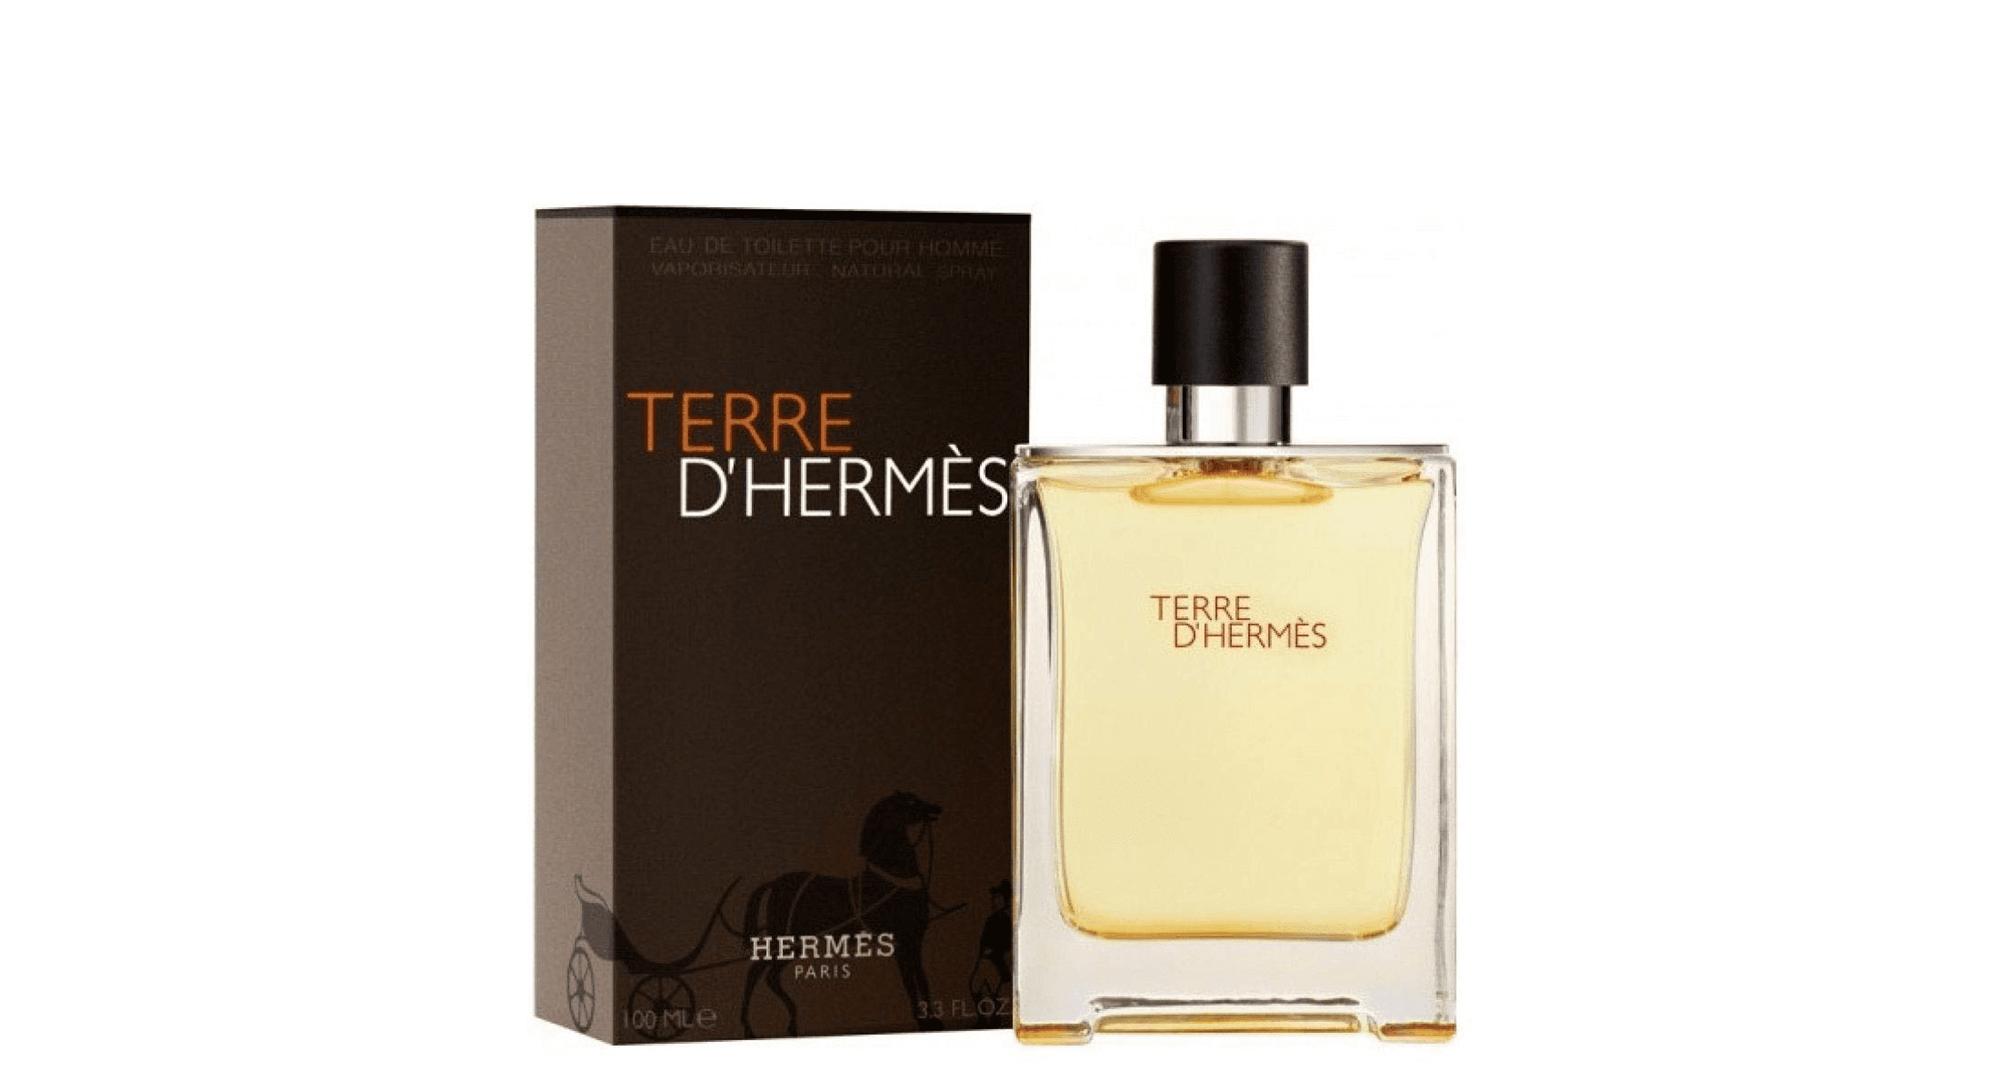 Hermes Terre D'Hermes Eau de Parfum pure perfume